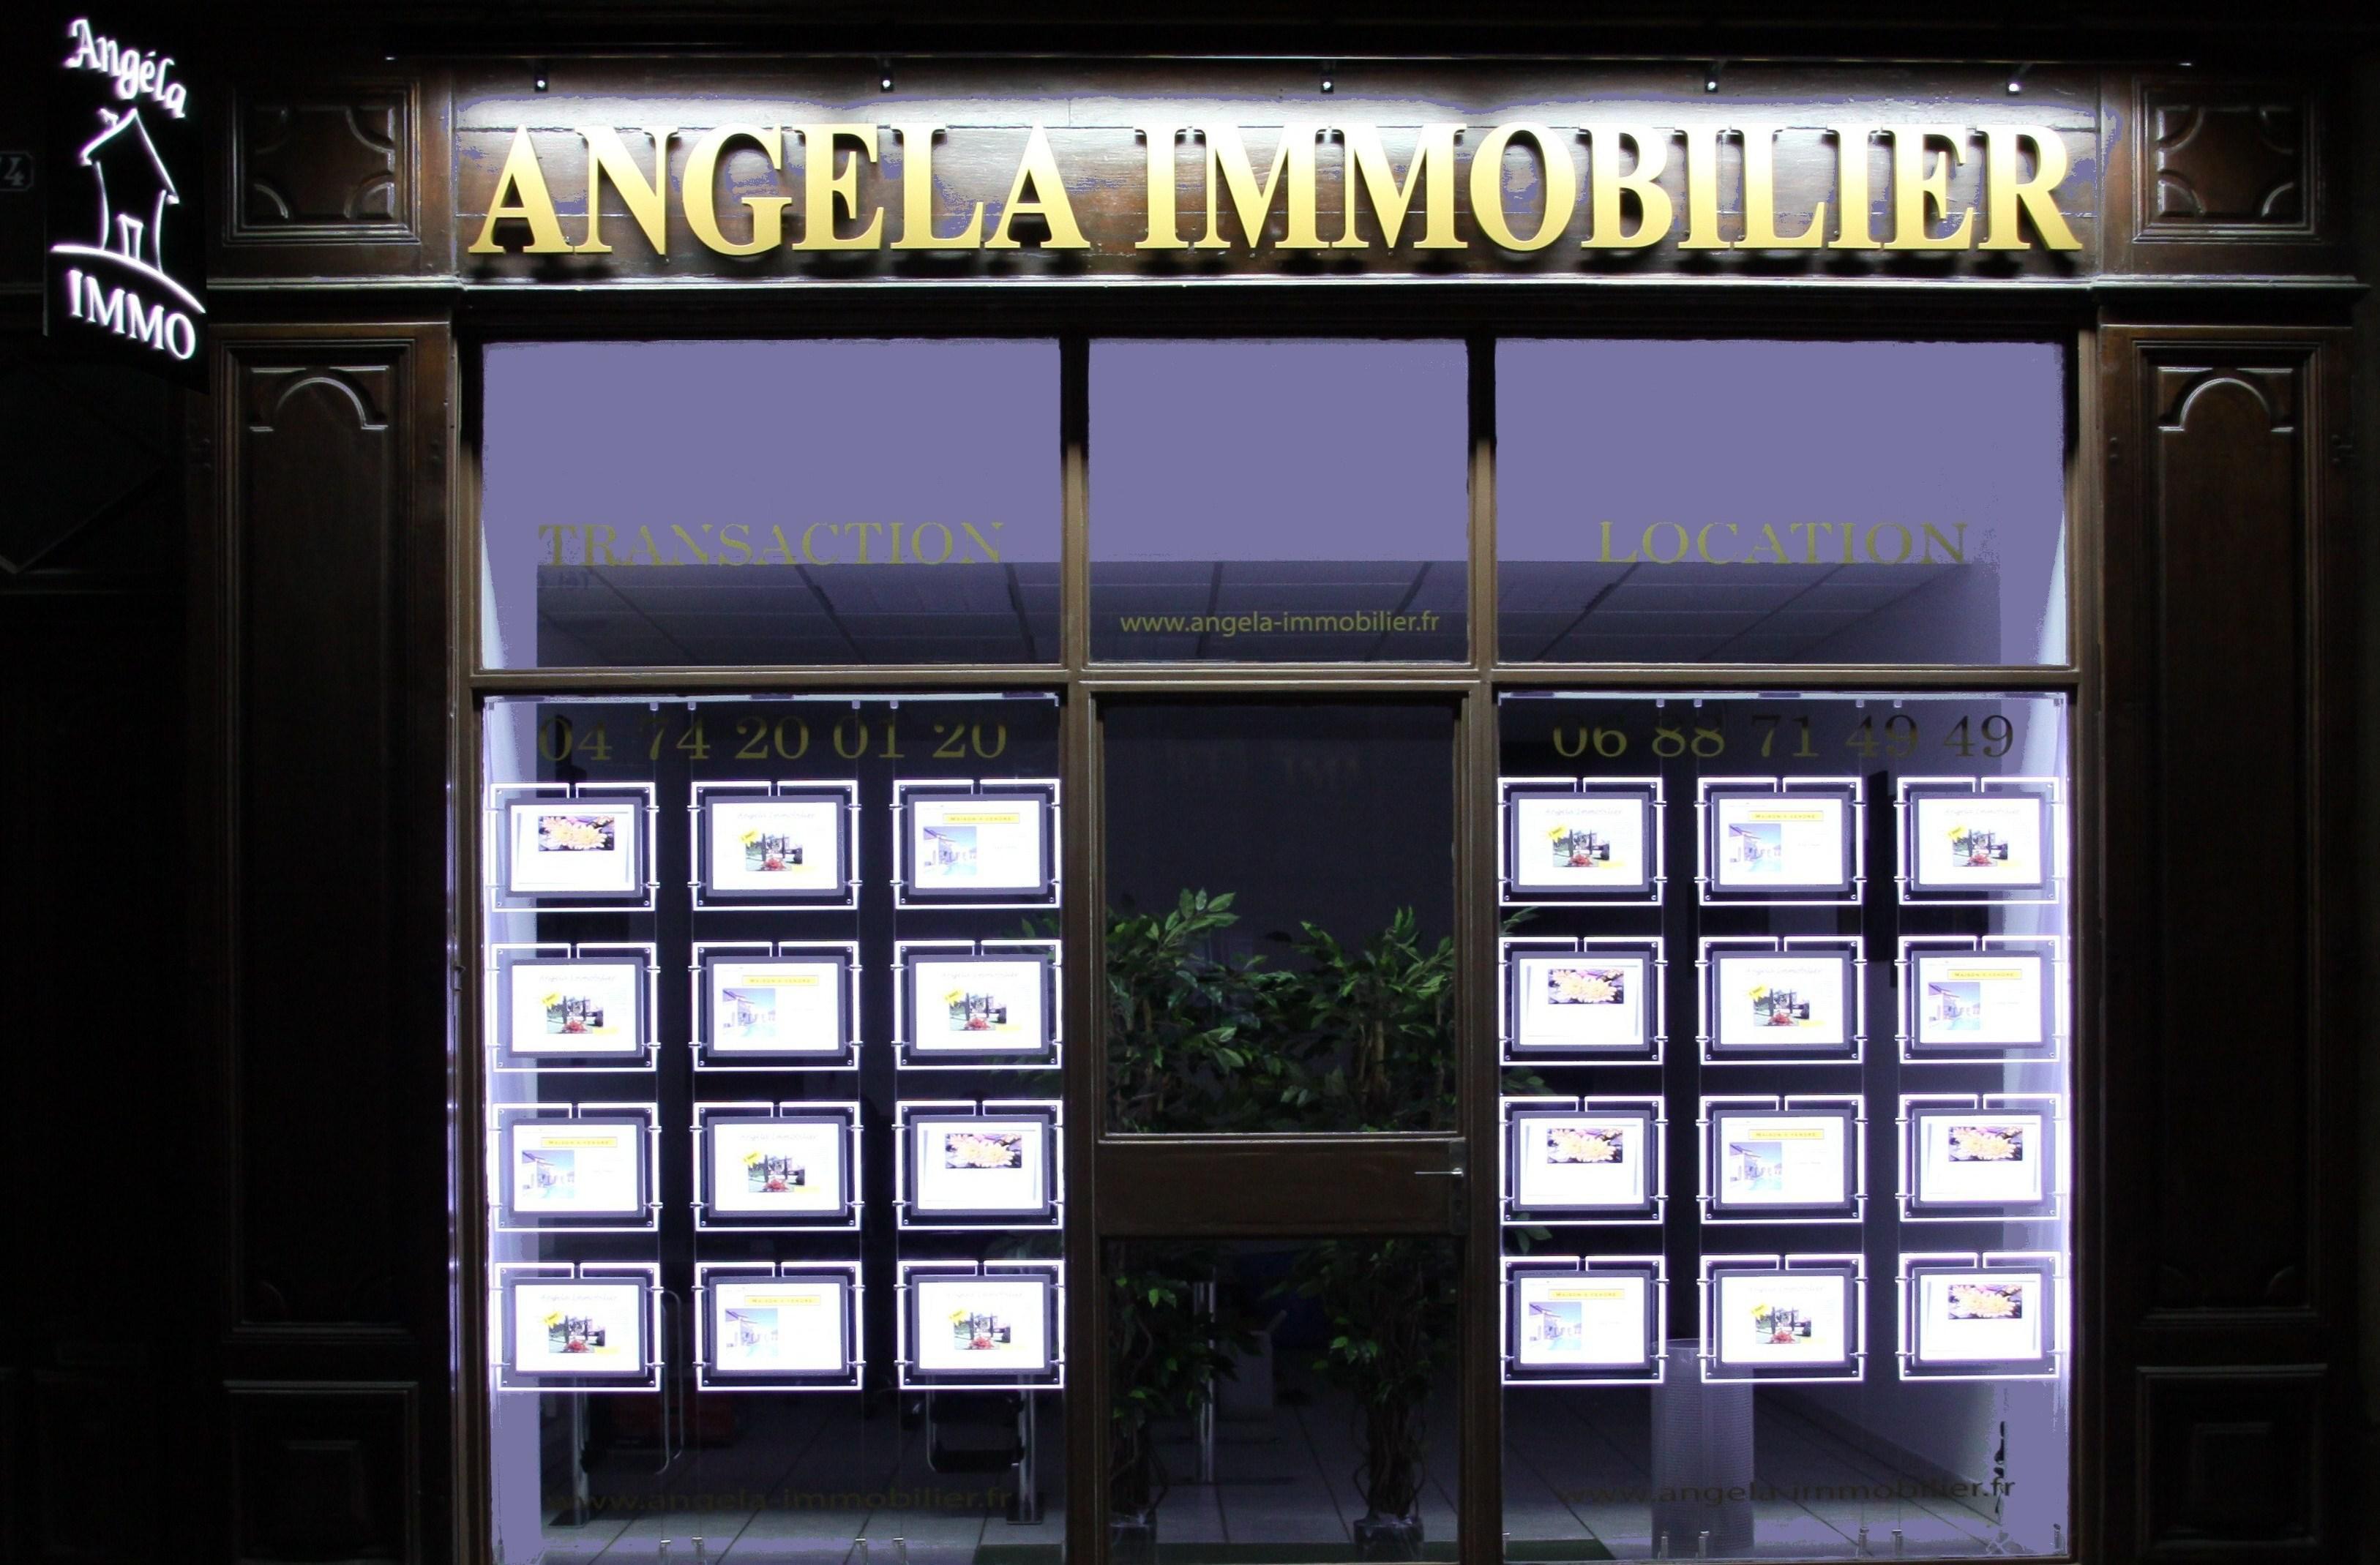 Image de l'agence Angela Immobilier